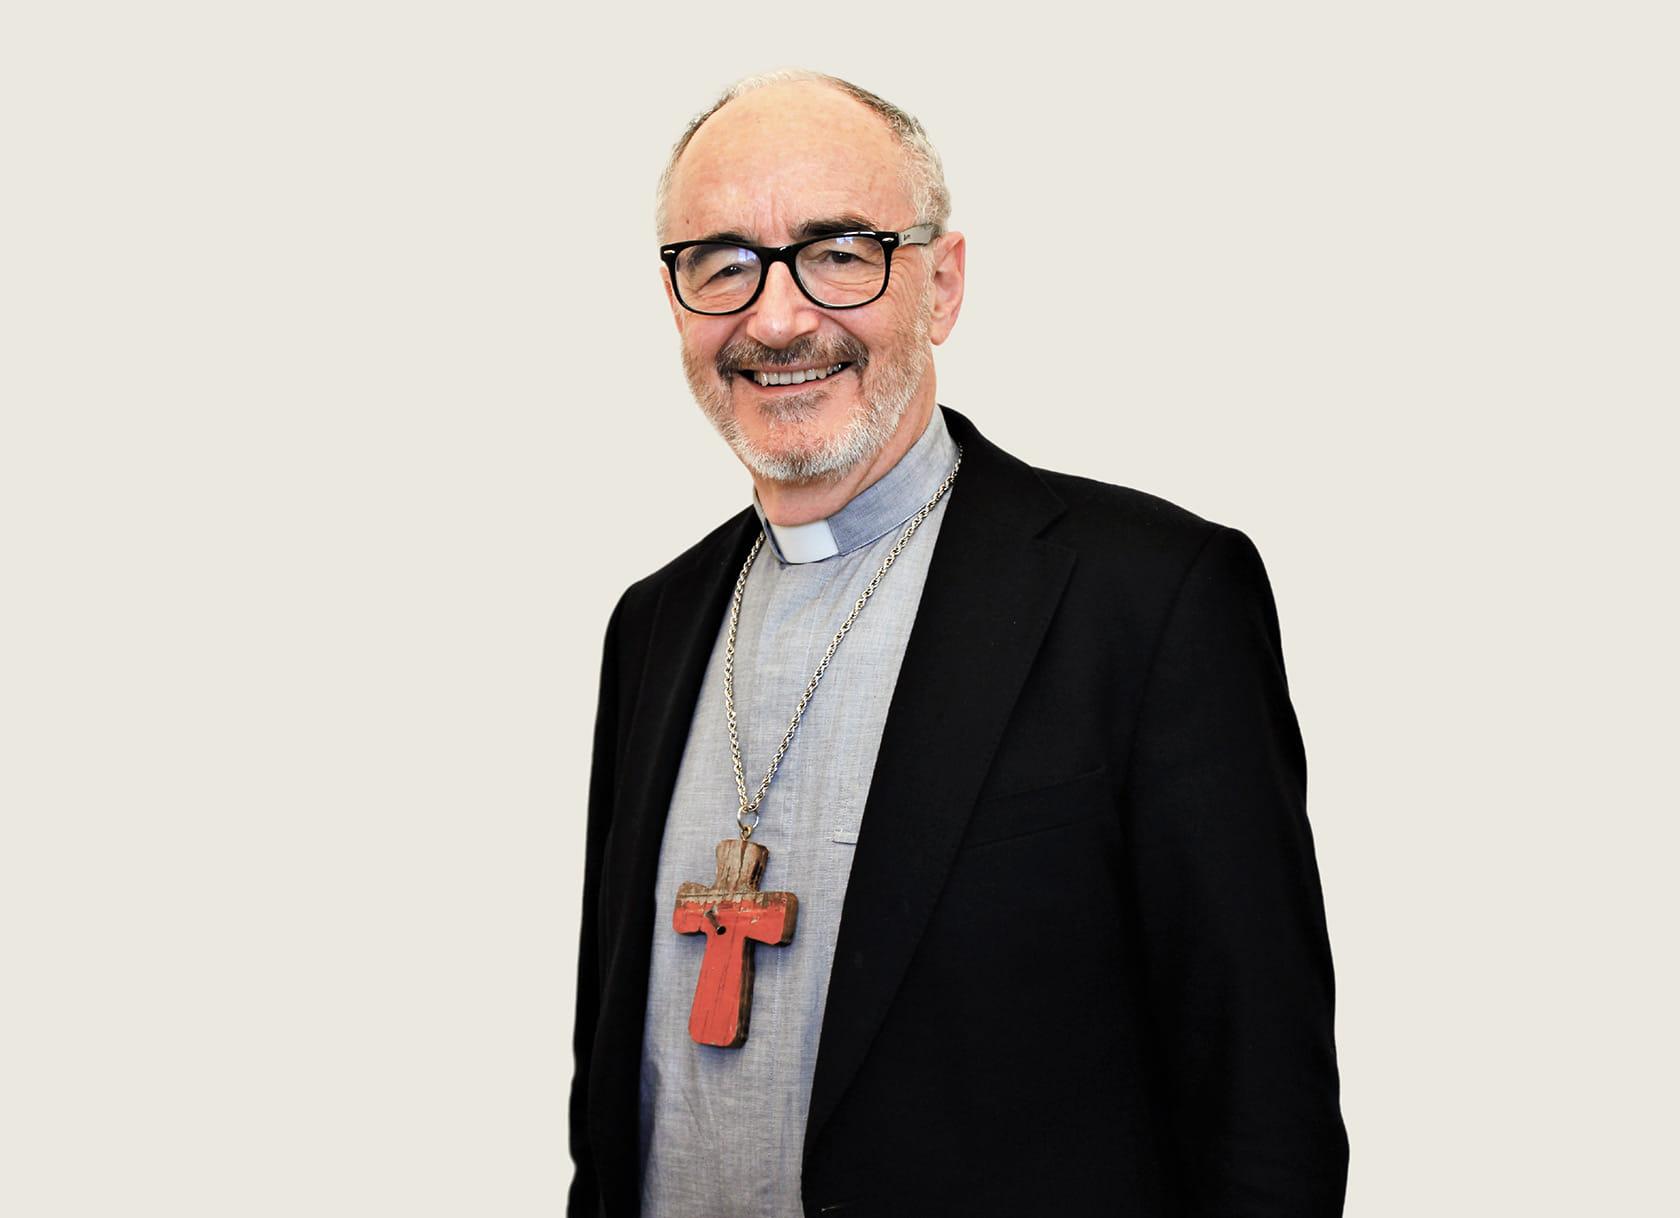 Кардинальский хрест - символ достоїнства сану - Майкл Черні попросив зробити з частини човна, на якому біженці прибули на італійський острів Лампедуза. ФОТО НАДАНЕ З ОСОБИСТОГО АРХІВУ